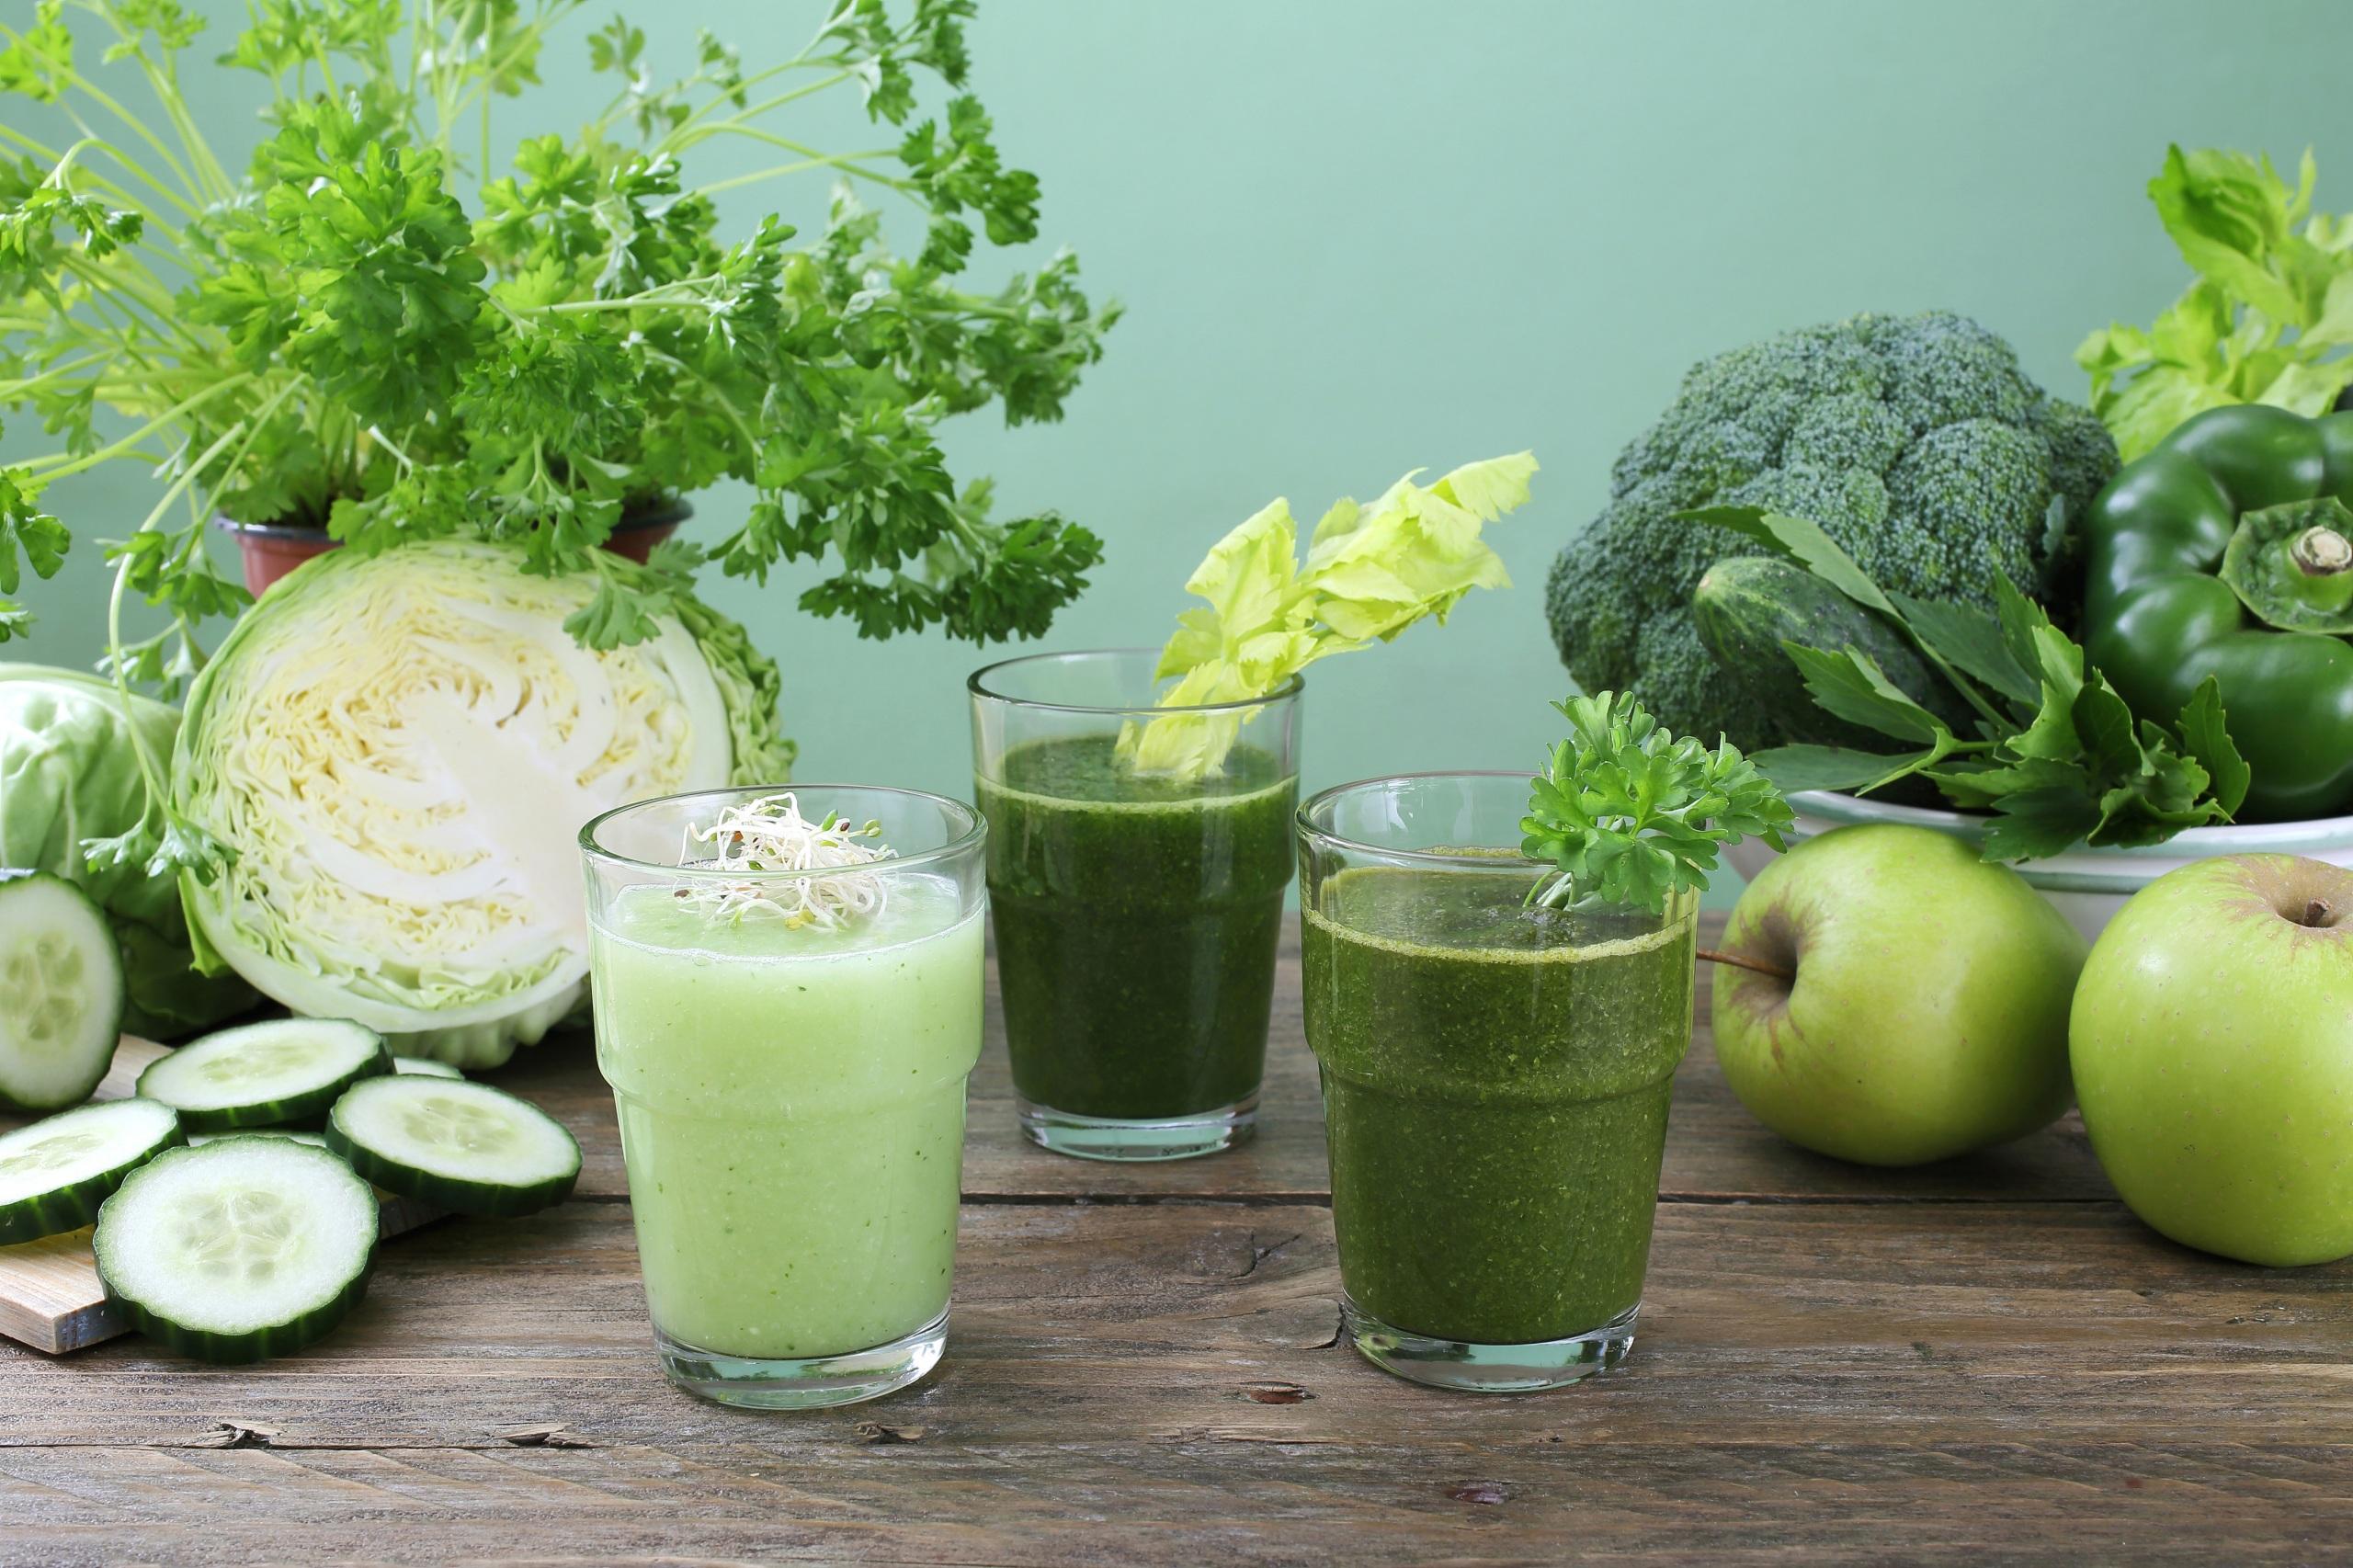 Фотографии Смузи Огурцы Капуста Яблоки стакана Еда Овощи 2560x1706 Стакан стакане Пища Продукты питания